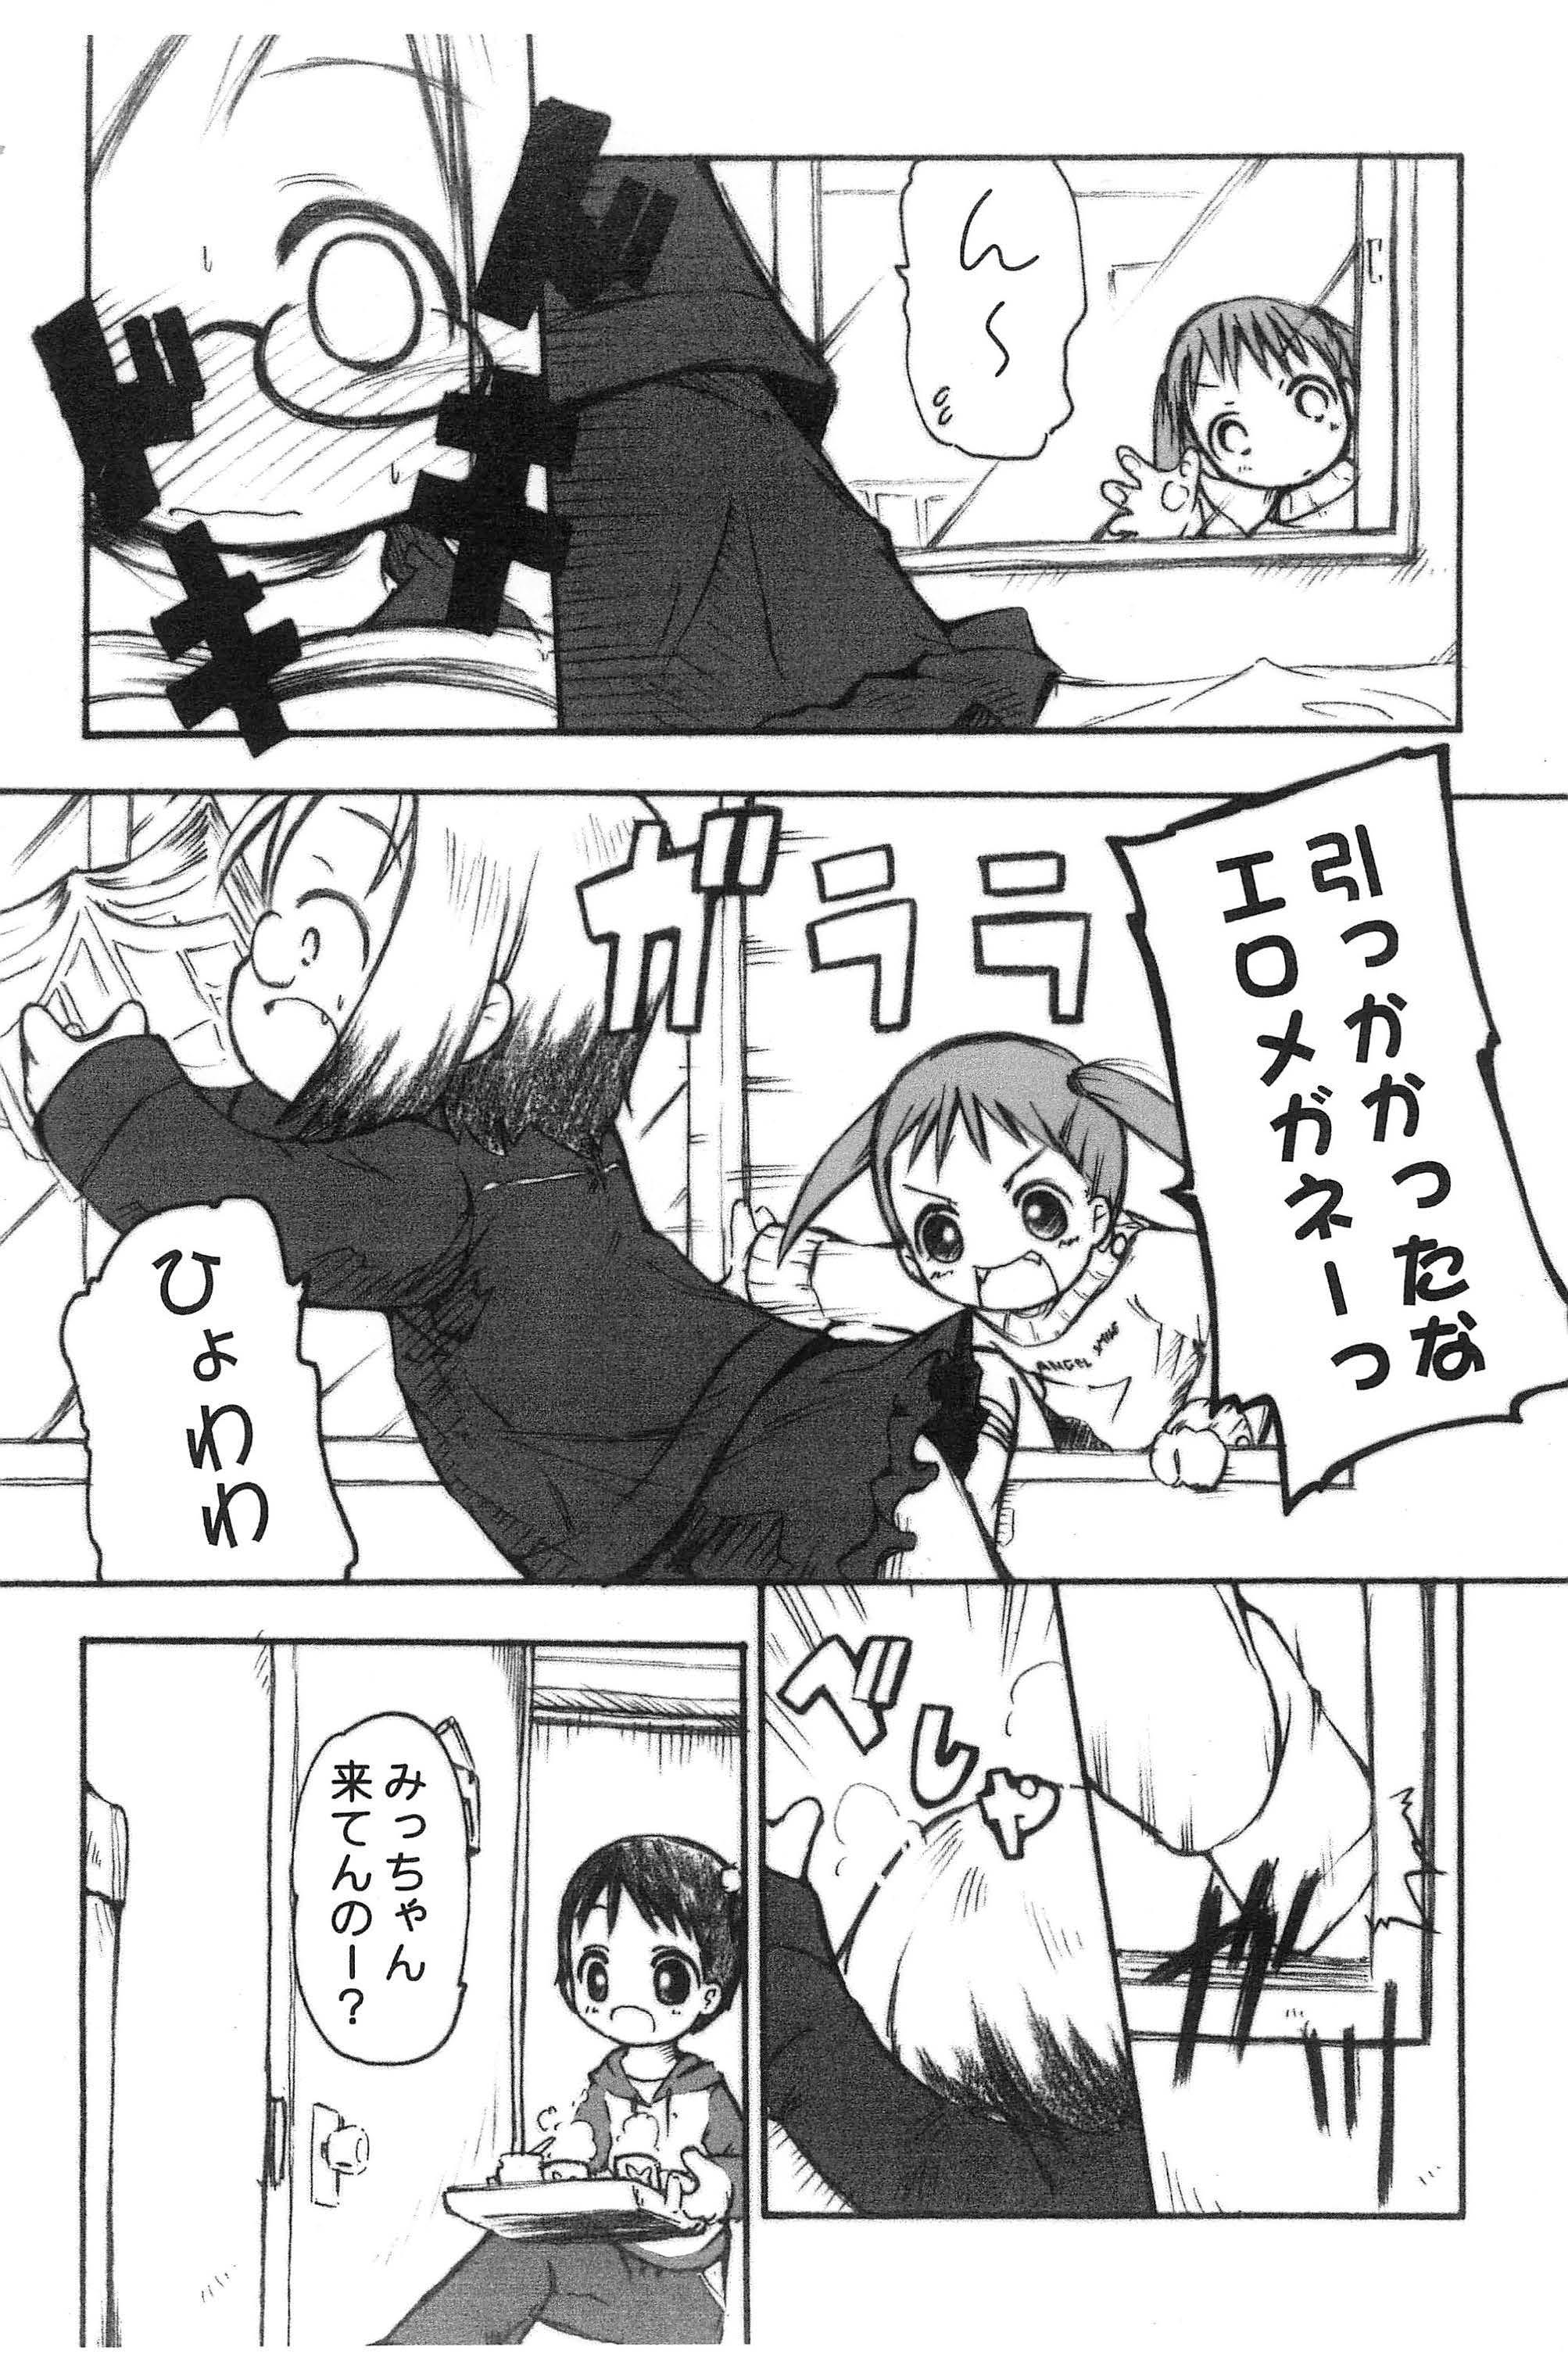 Ichigo Man 5